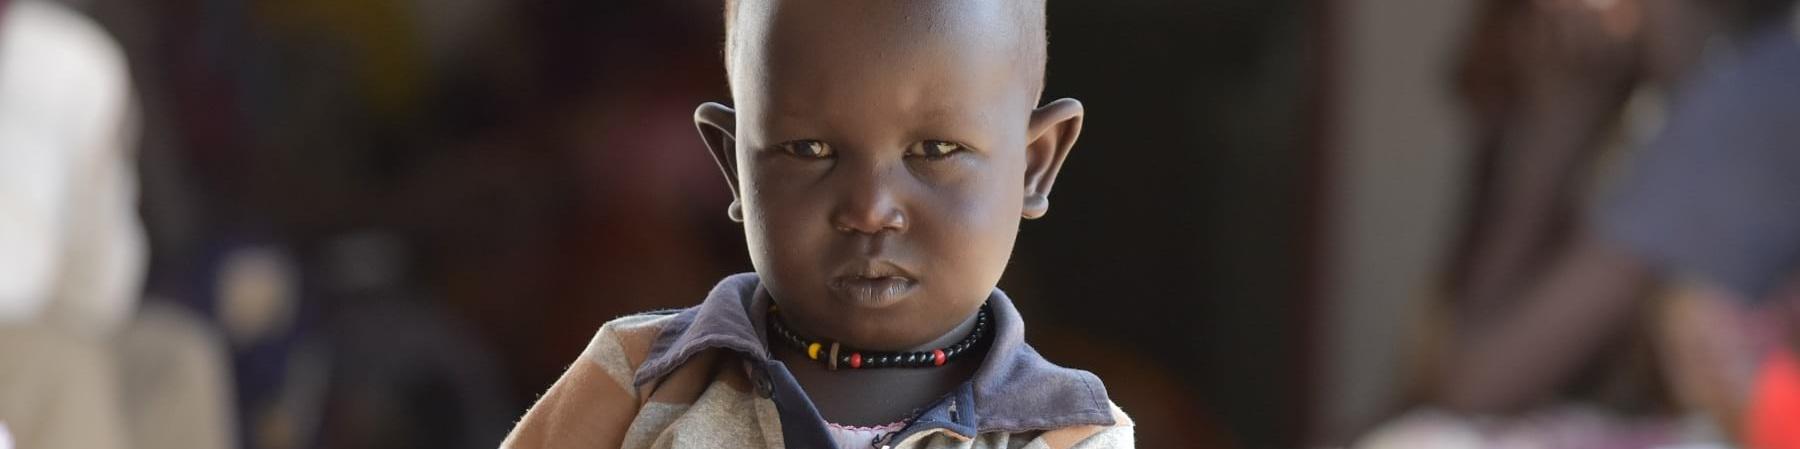 Mezzo busto di un bambino sudanese con maglietta a righe arancioni blu e bianche che tiene con due mani un foglio